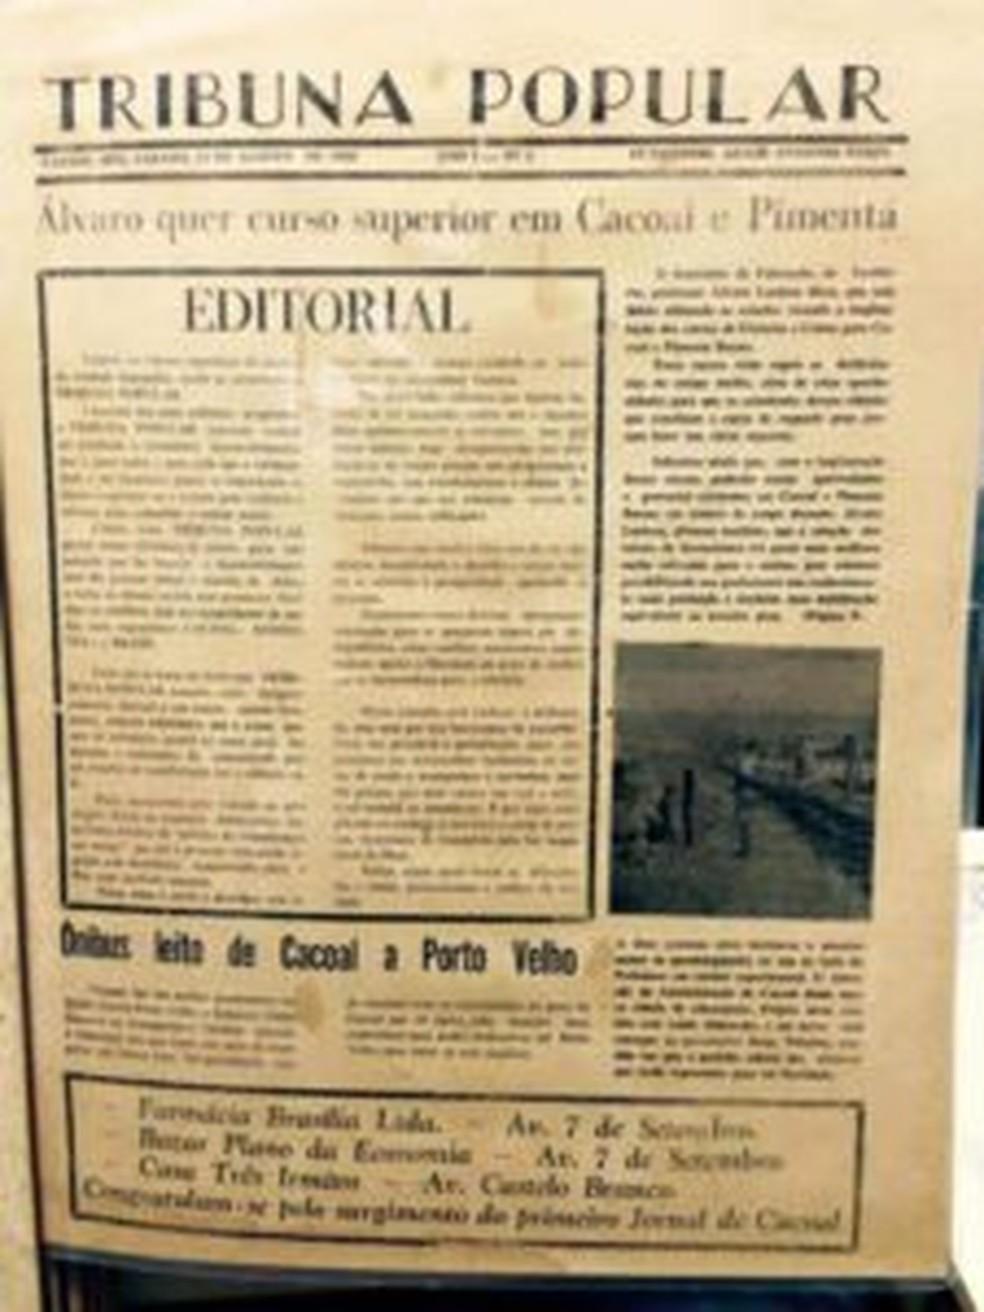 1ª edição do Jornal Tribuna Popular, que circulou em Cacoal por 41 anos — Foto: Reprodução